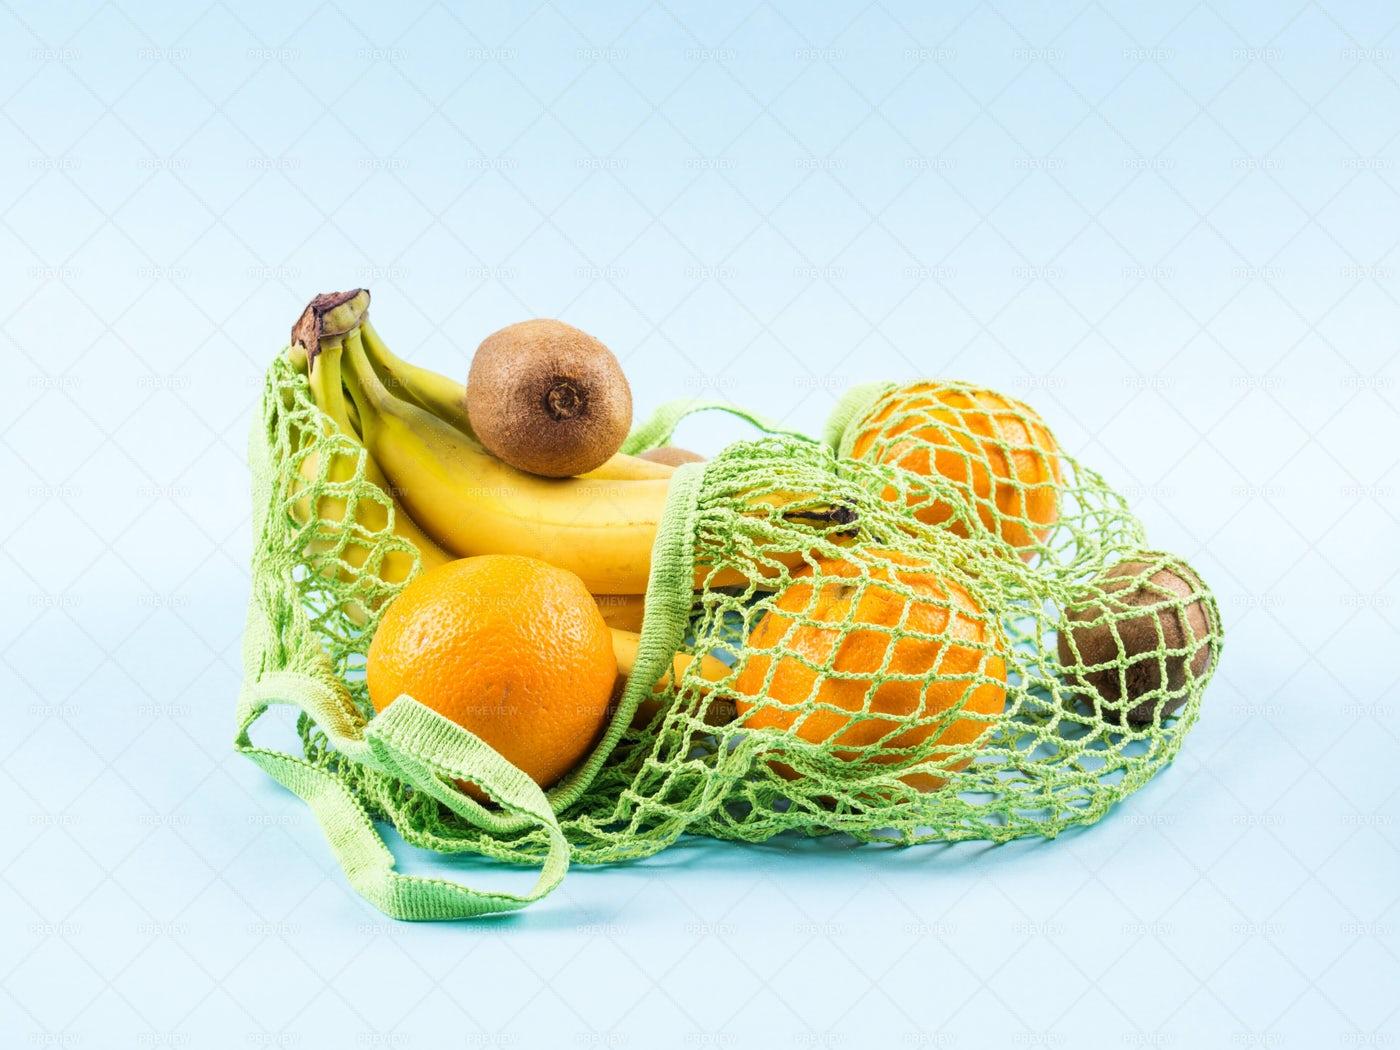 Fruit In A Mesh Bag: Stock Photos